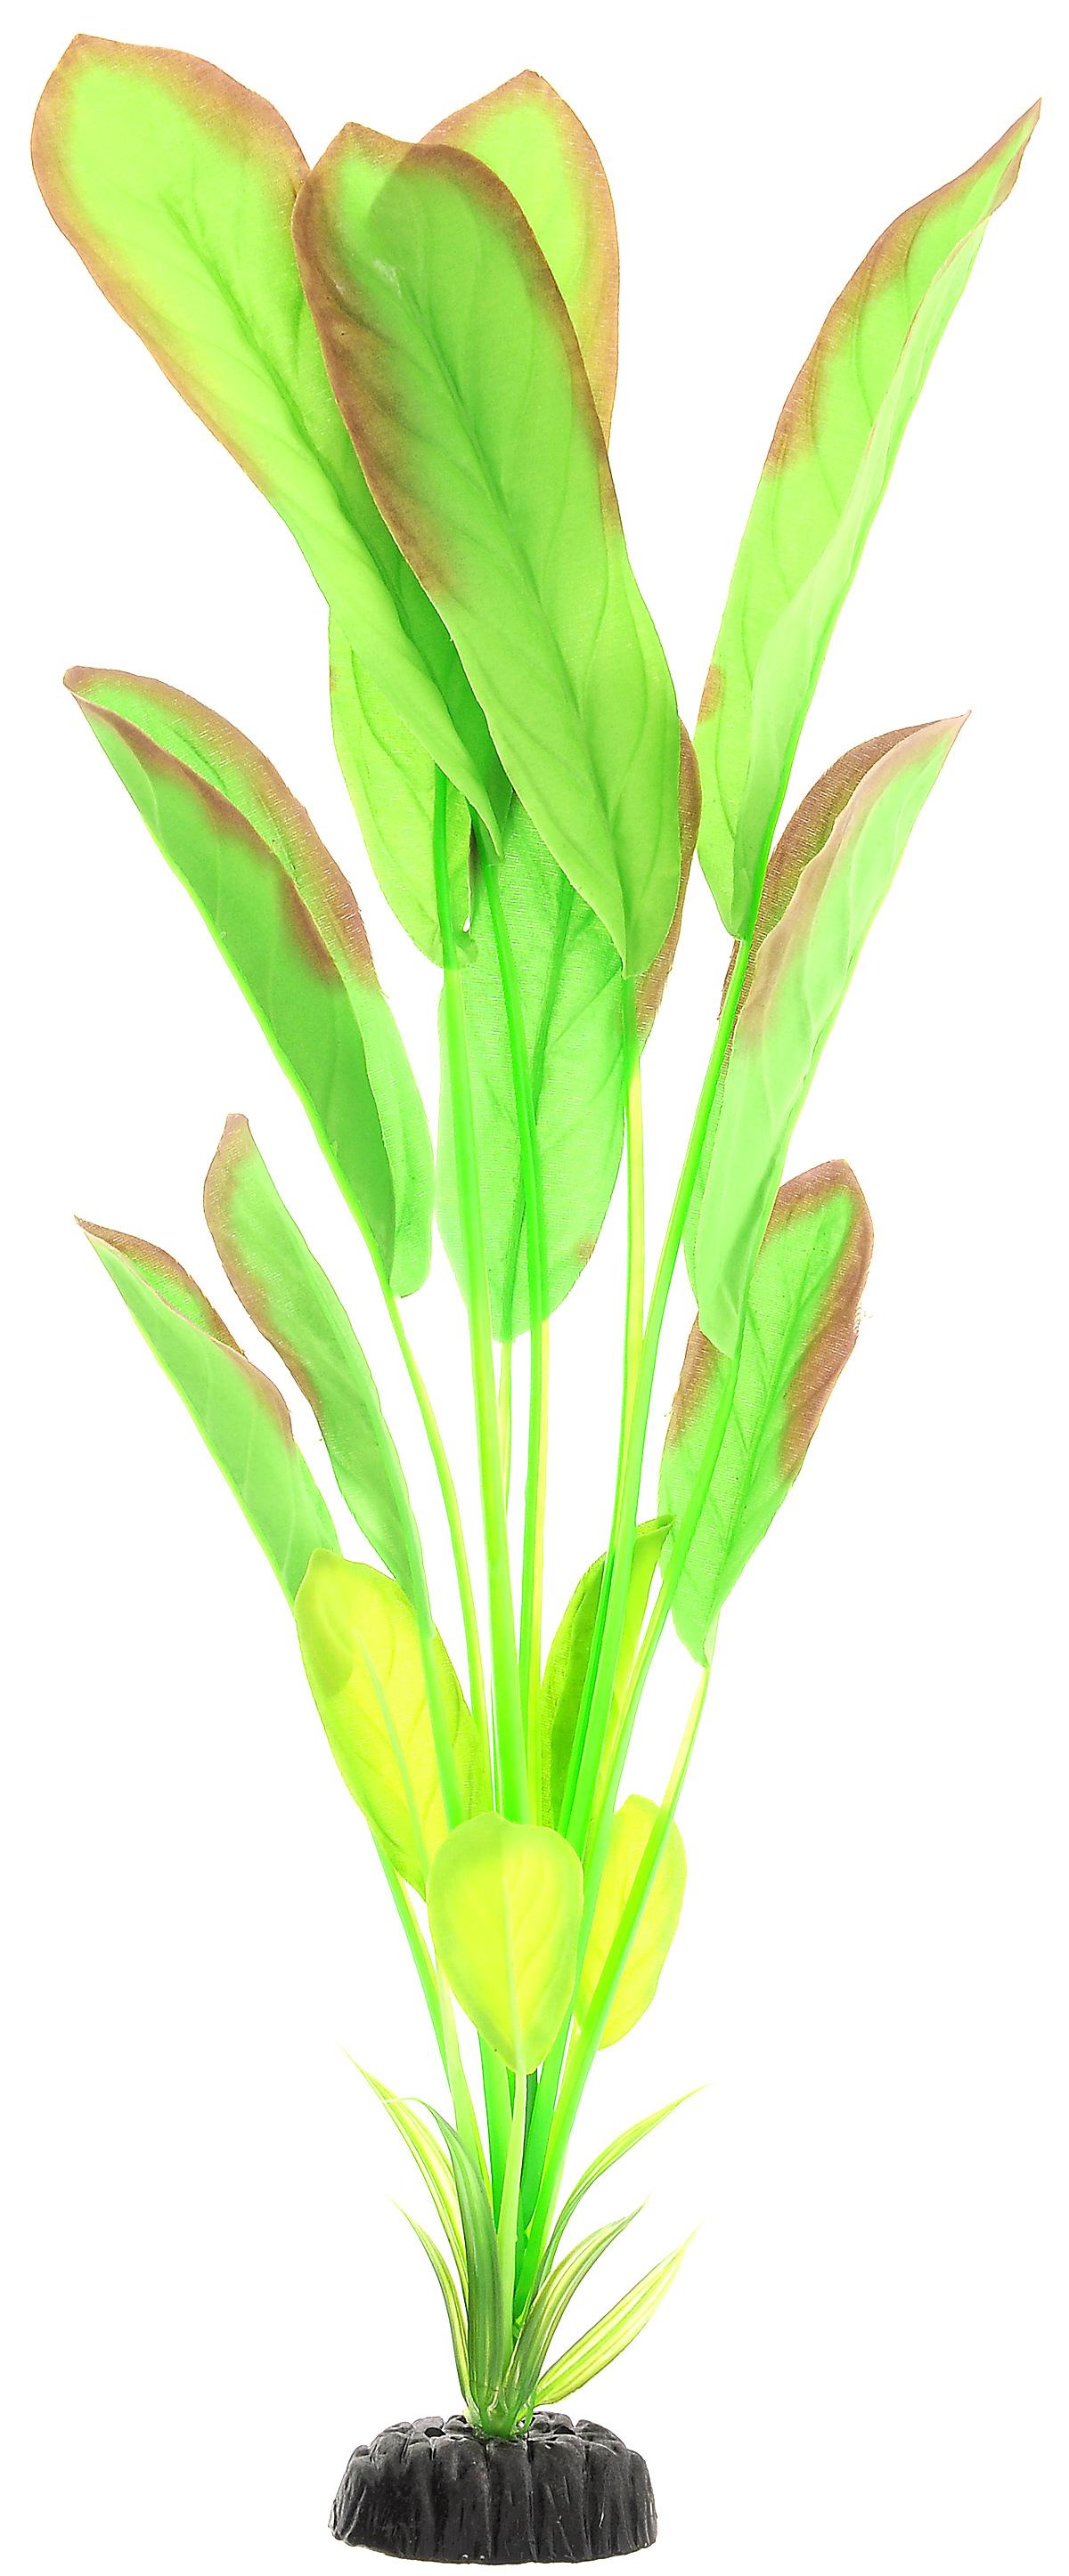 Растение для аквариума Barbus Эхинодорус, шелковое, высота 50 см. Plant 037/50 растение для аквариума barbus лотос шелковое высота 50 см